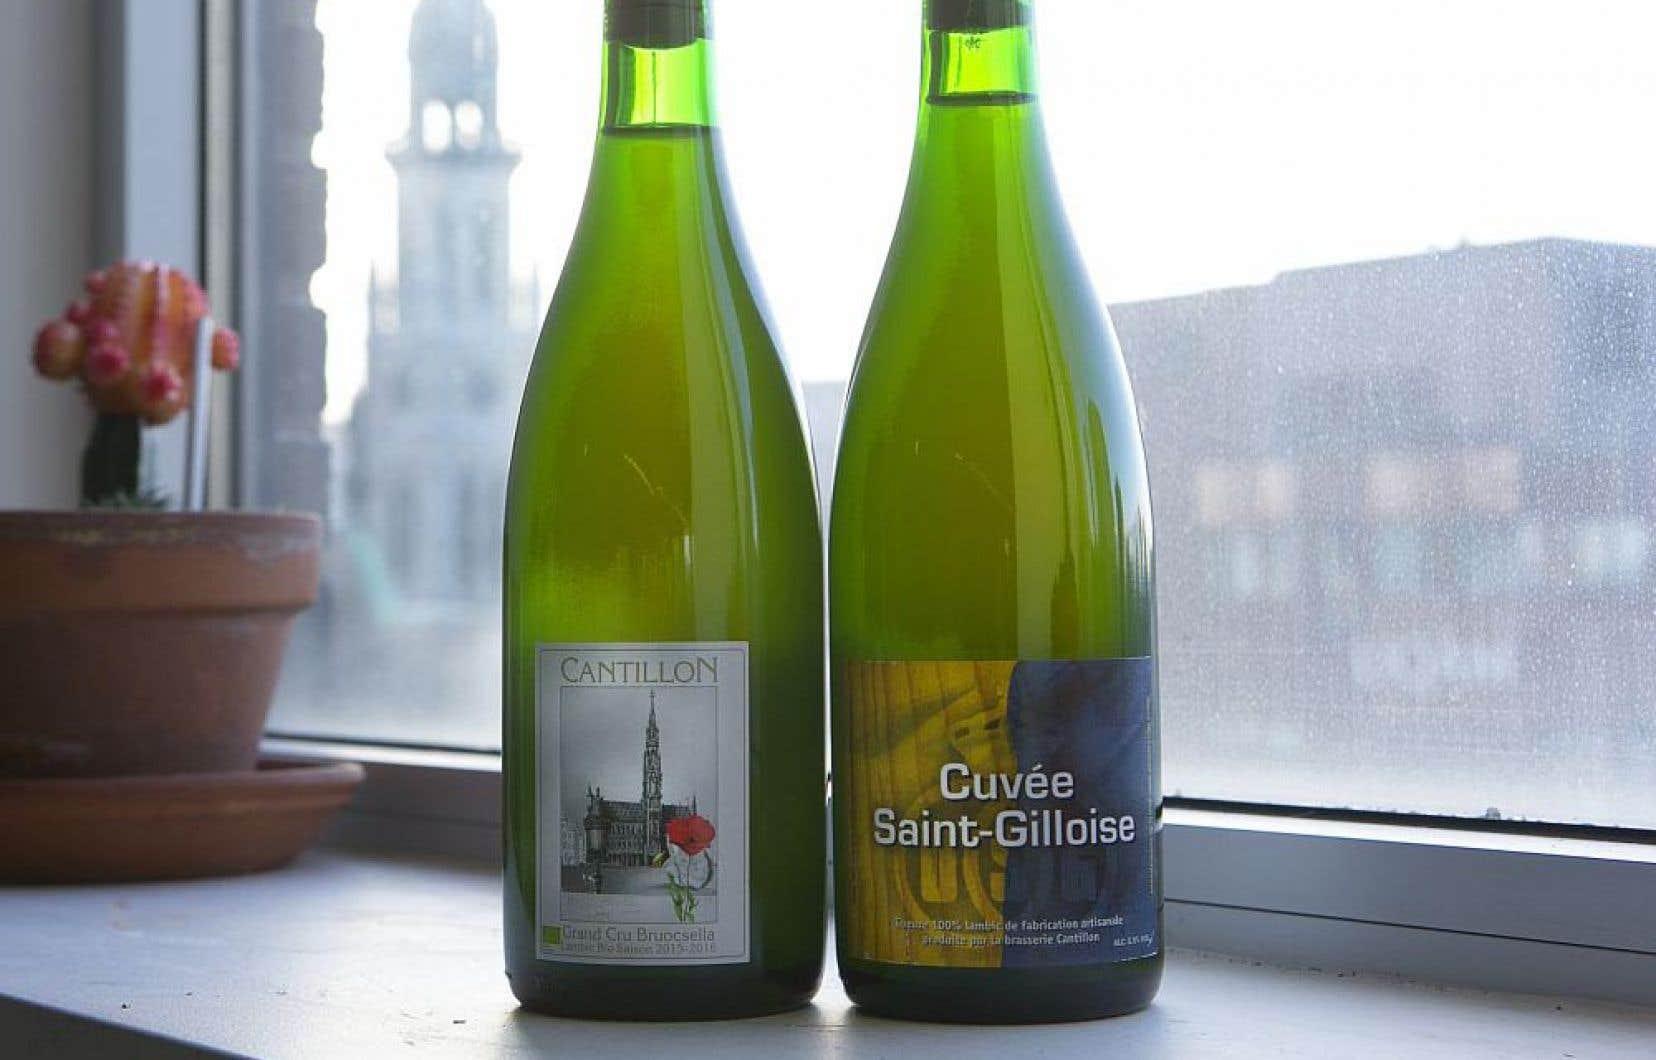 Les bières Cantillon sont un délice prisé par les amateurs de bières artisanales.